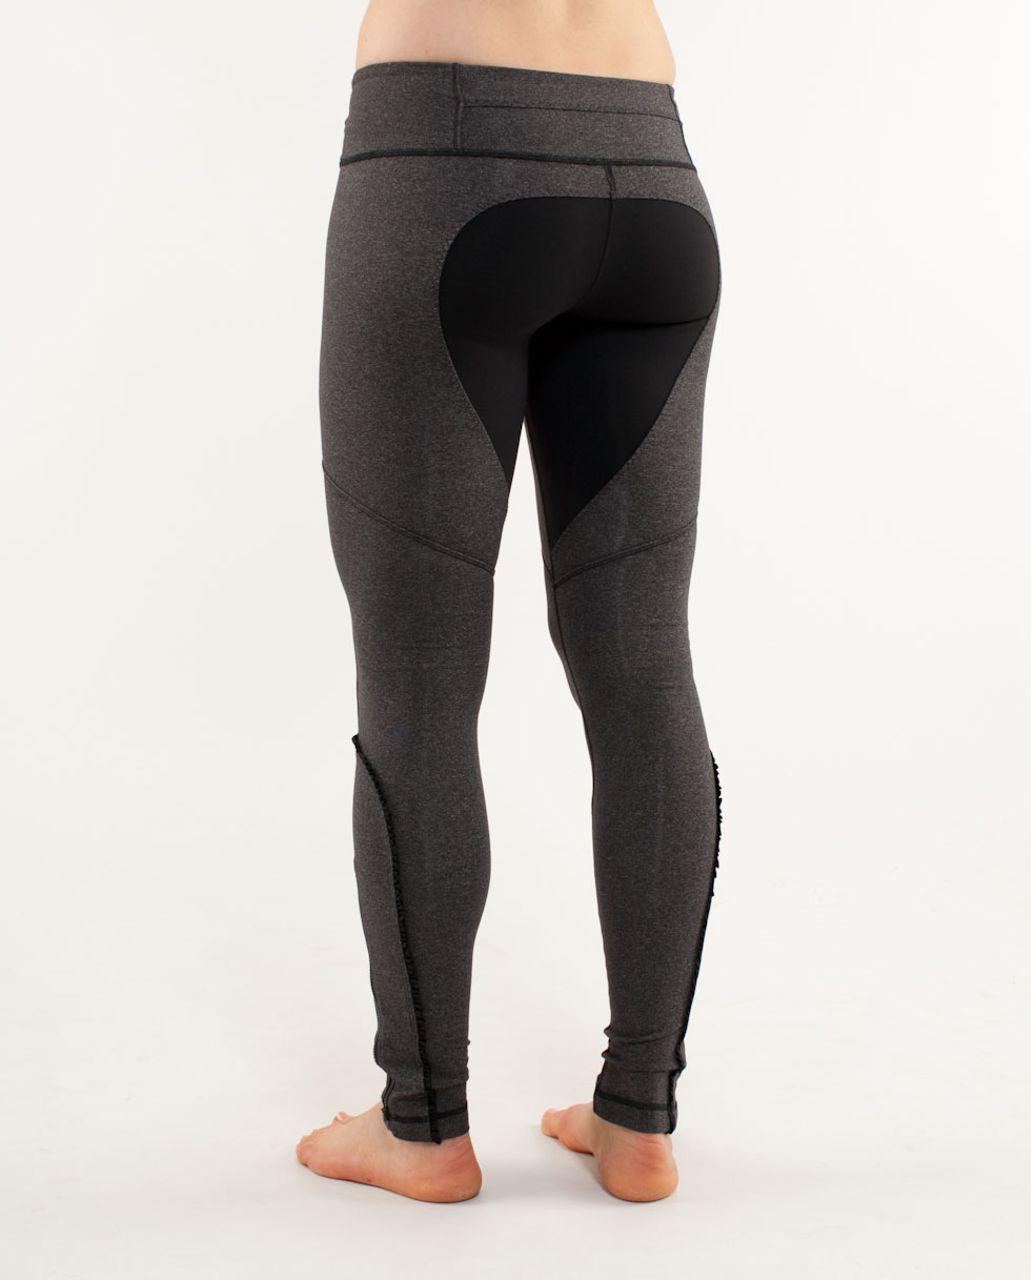 Lululemon Dressage Pant - Heathered Black /  Black